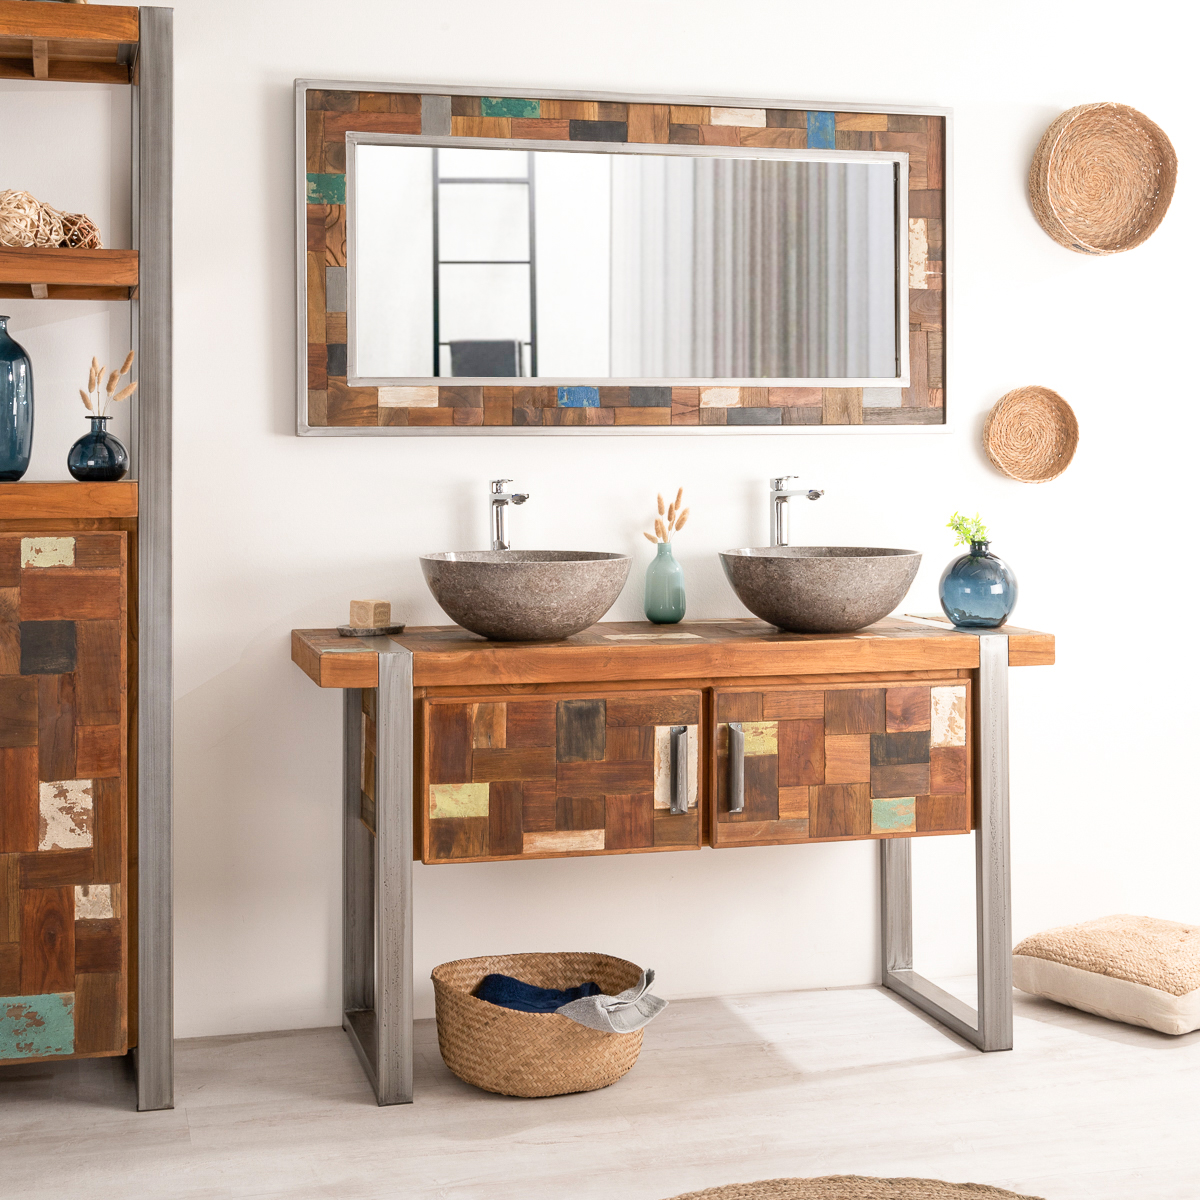 Meuble sous vasque double vasque en bois teck massif - Salle de bains originale ...